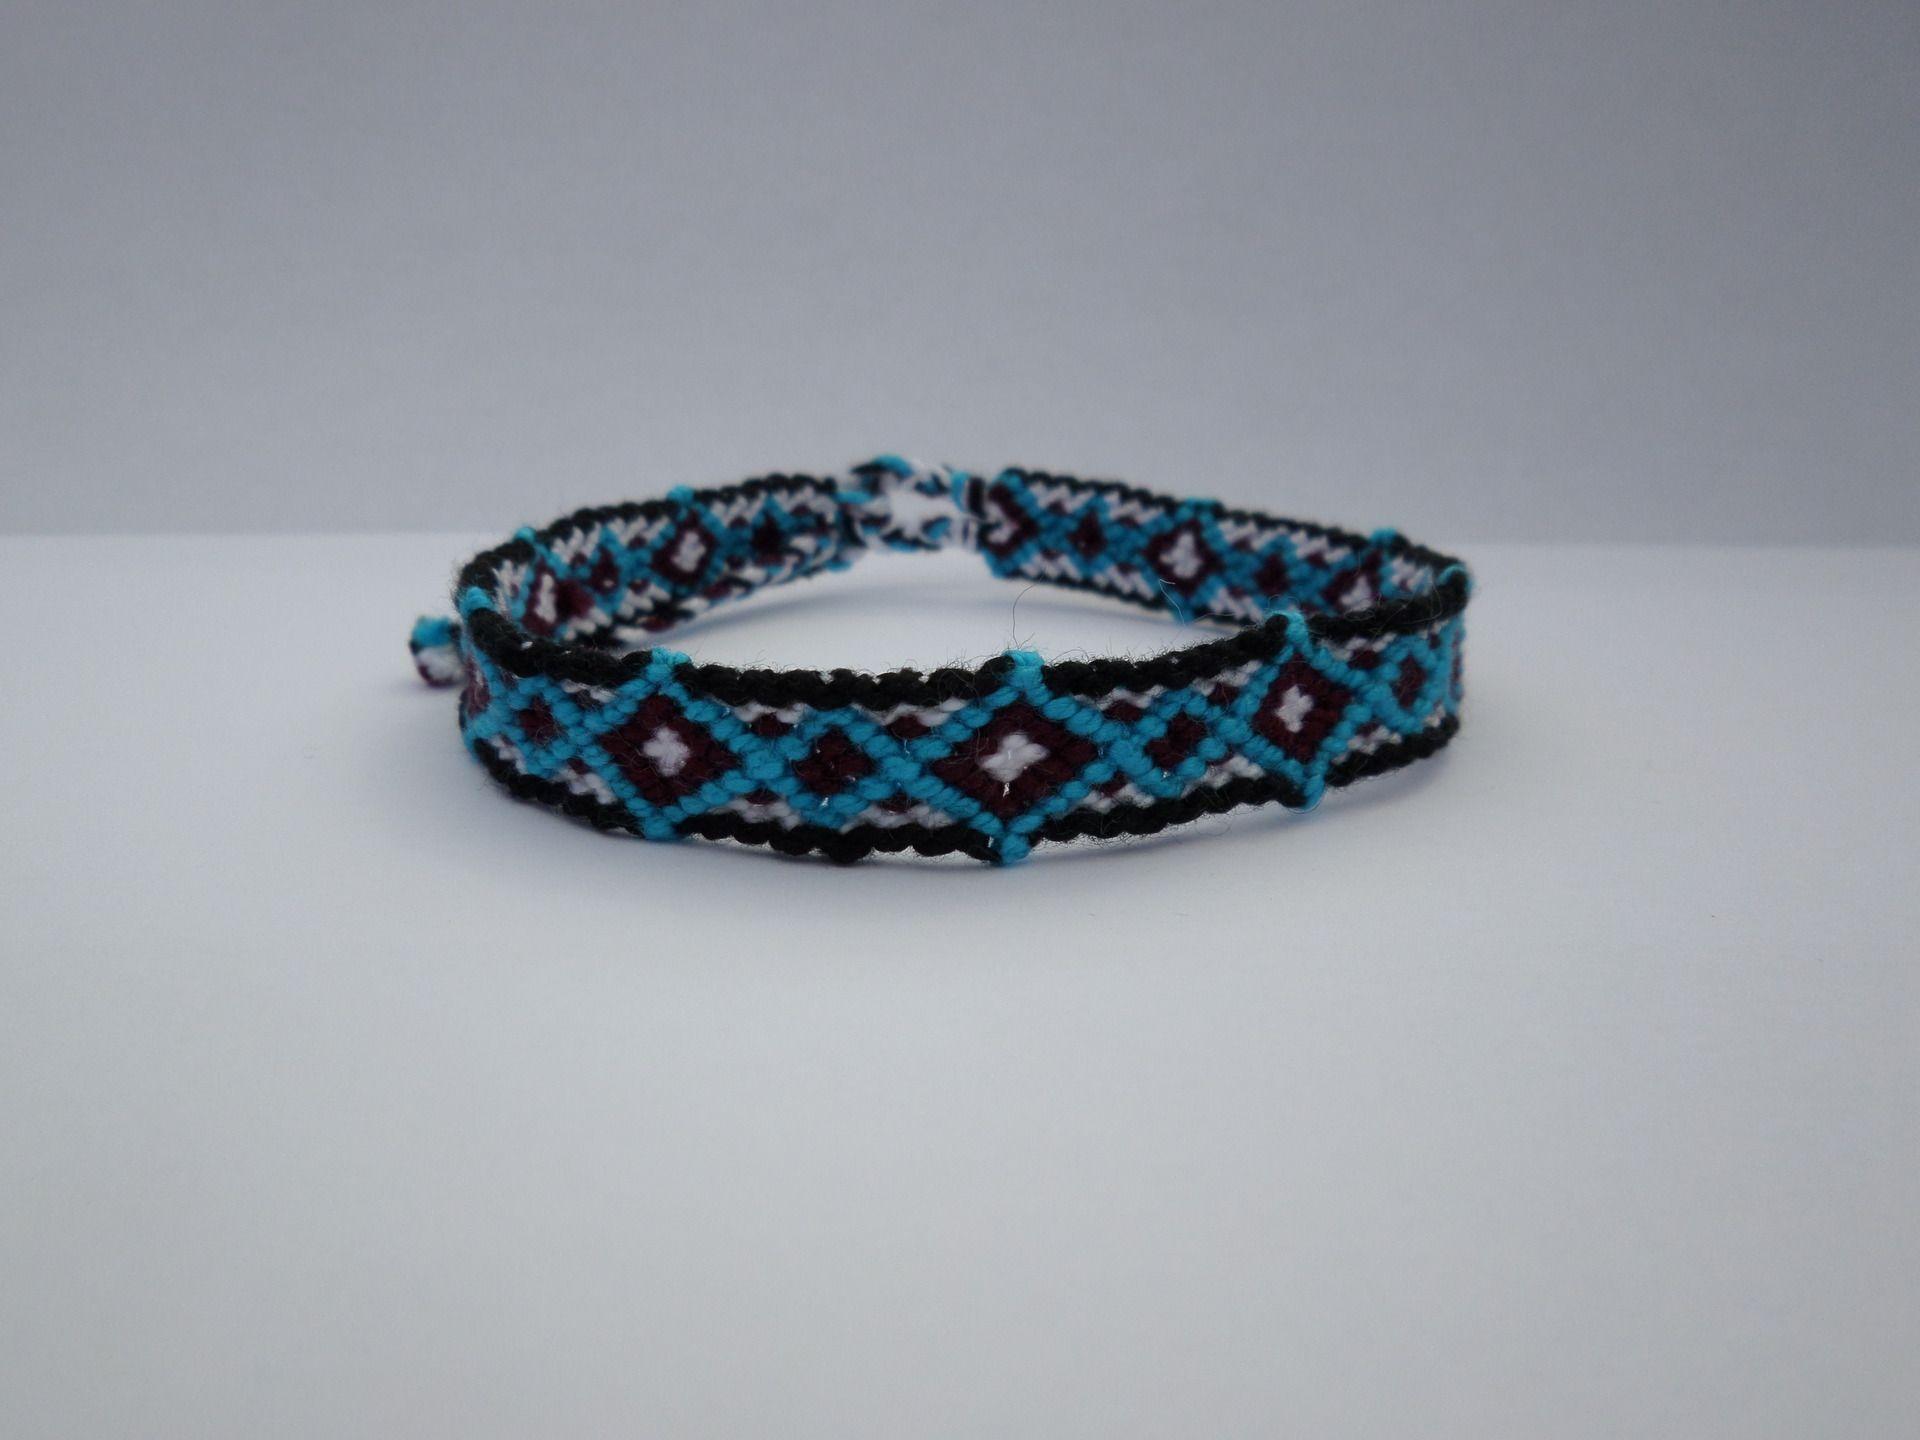 nouveaux styles b91a7 e326f Bracelet Brésilien homme modèle losange : Bracelet par ...